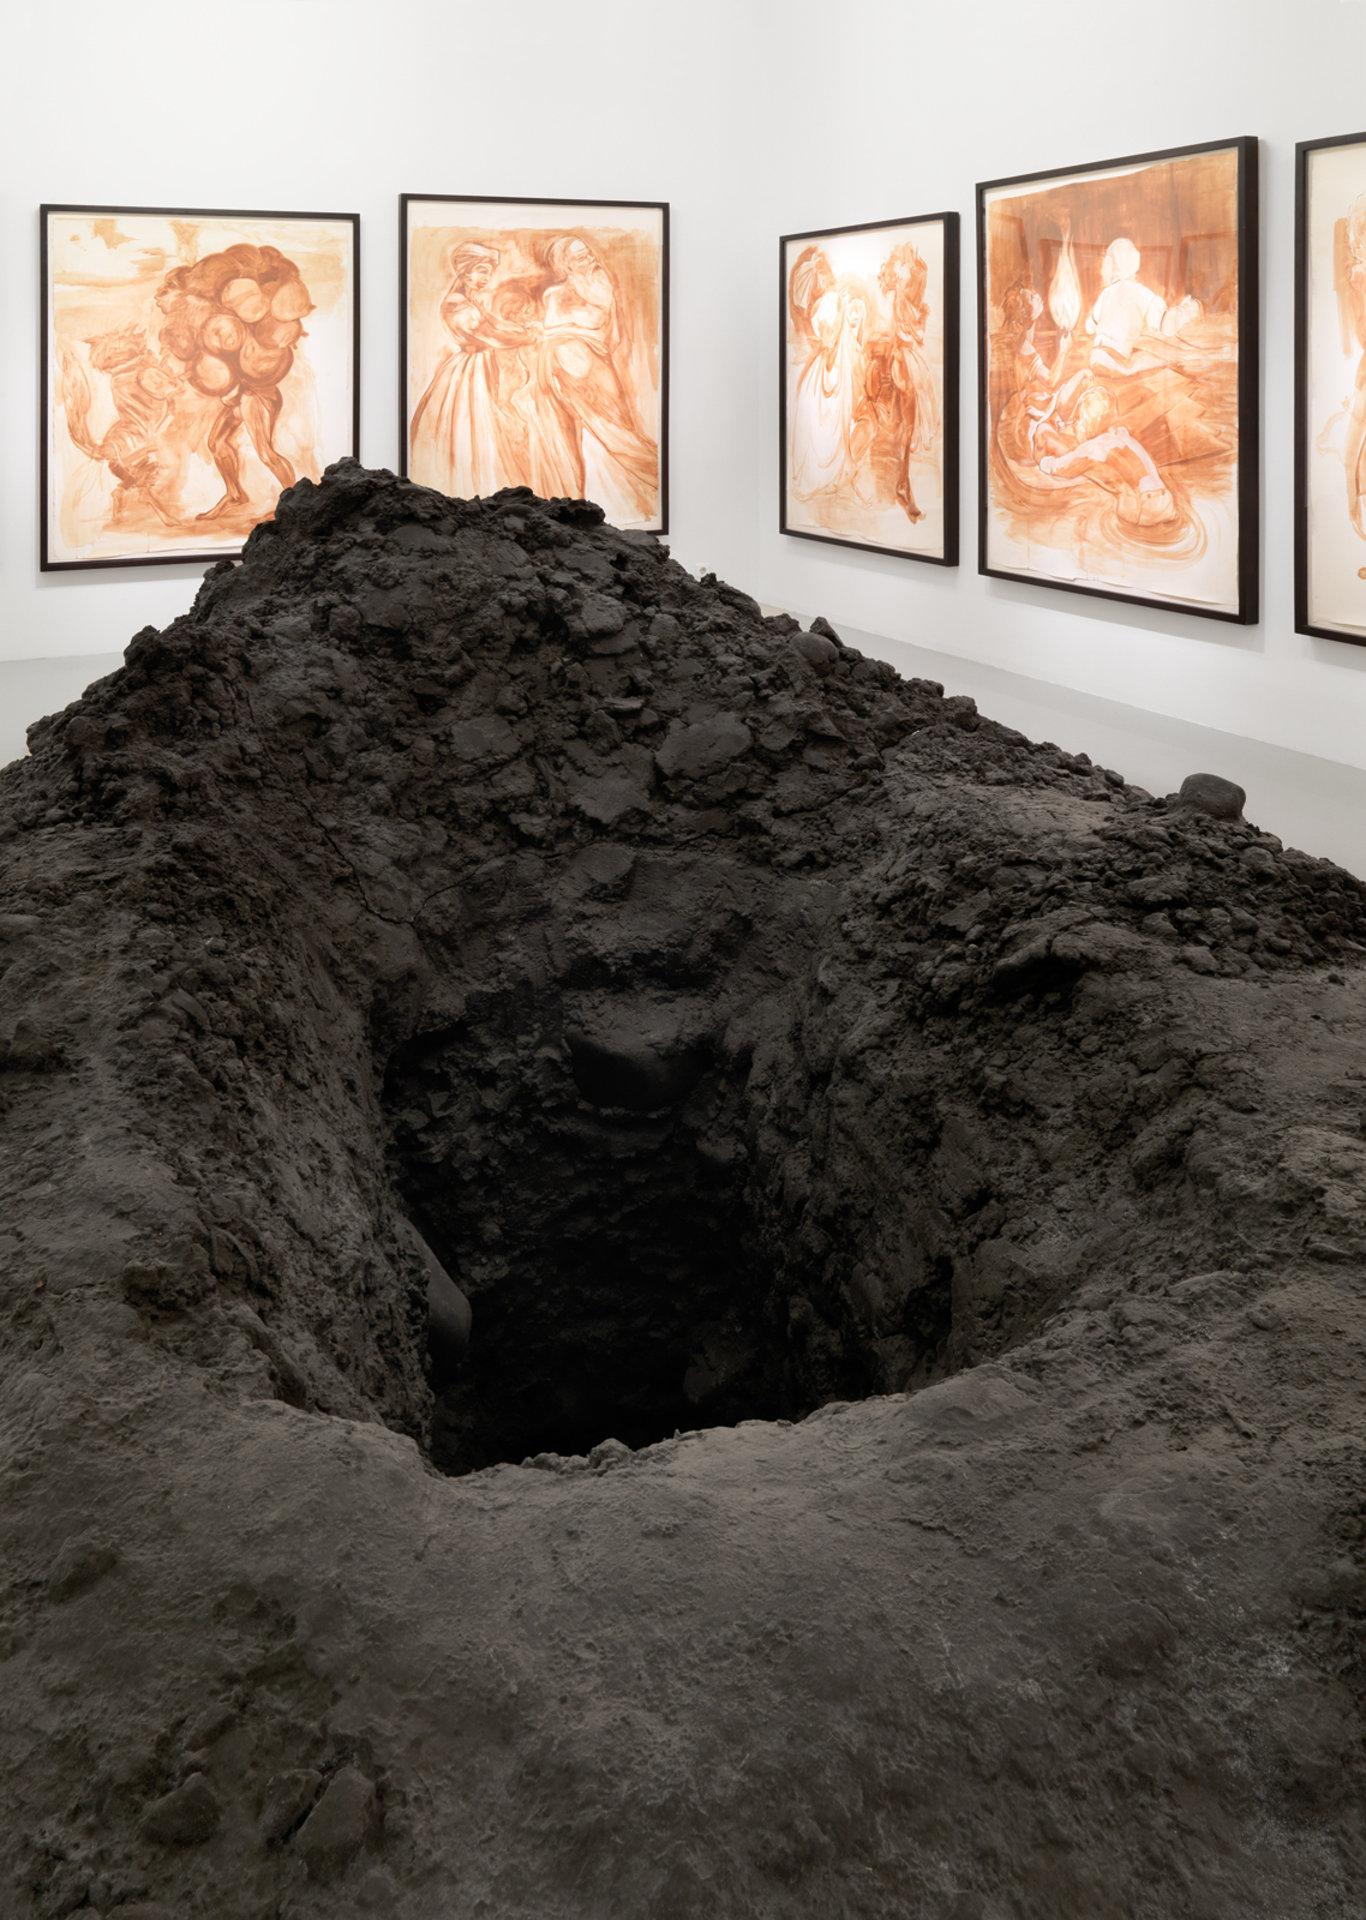 Untitled (Hole)